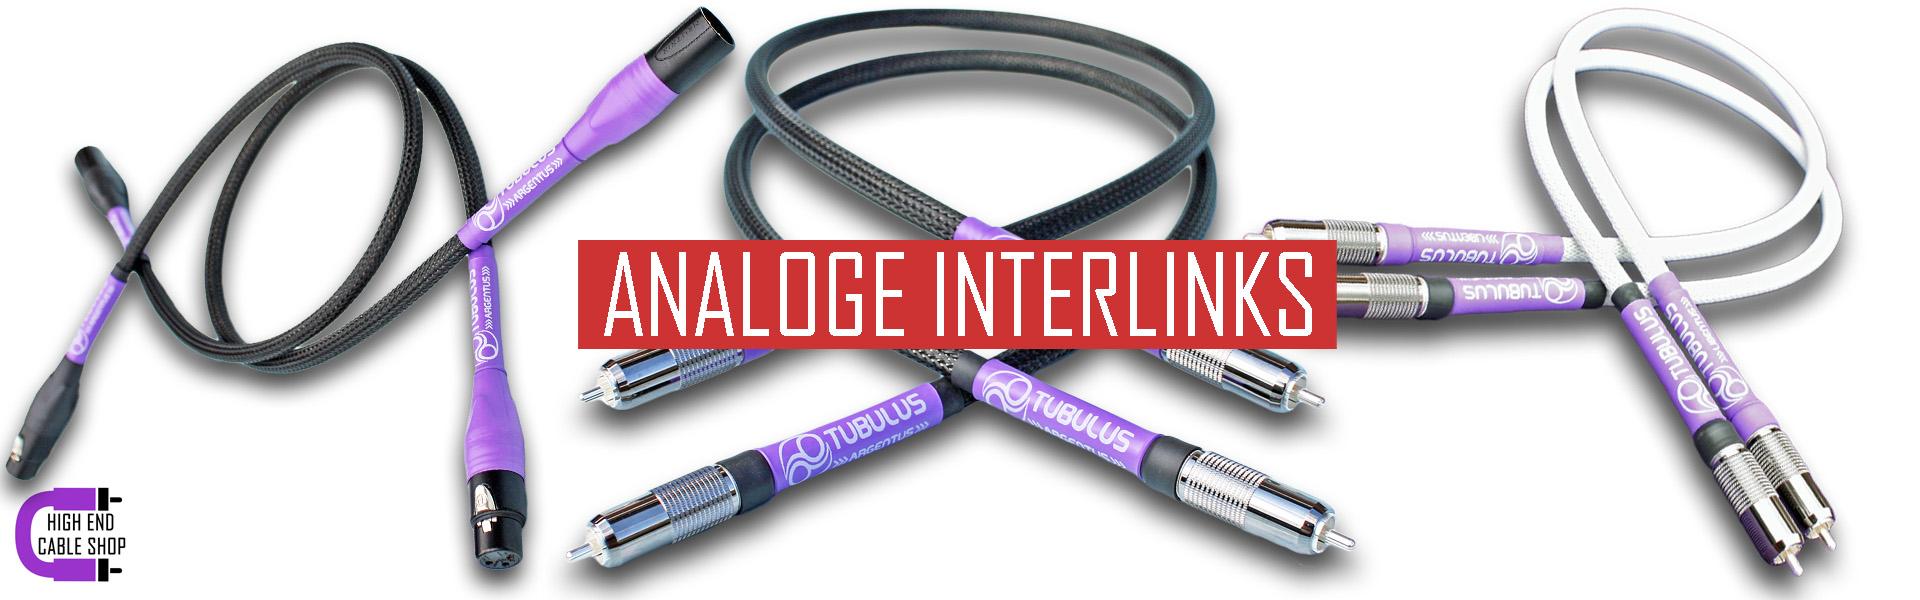 High end cable shop slide analoge interlinks